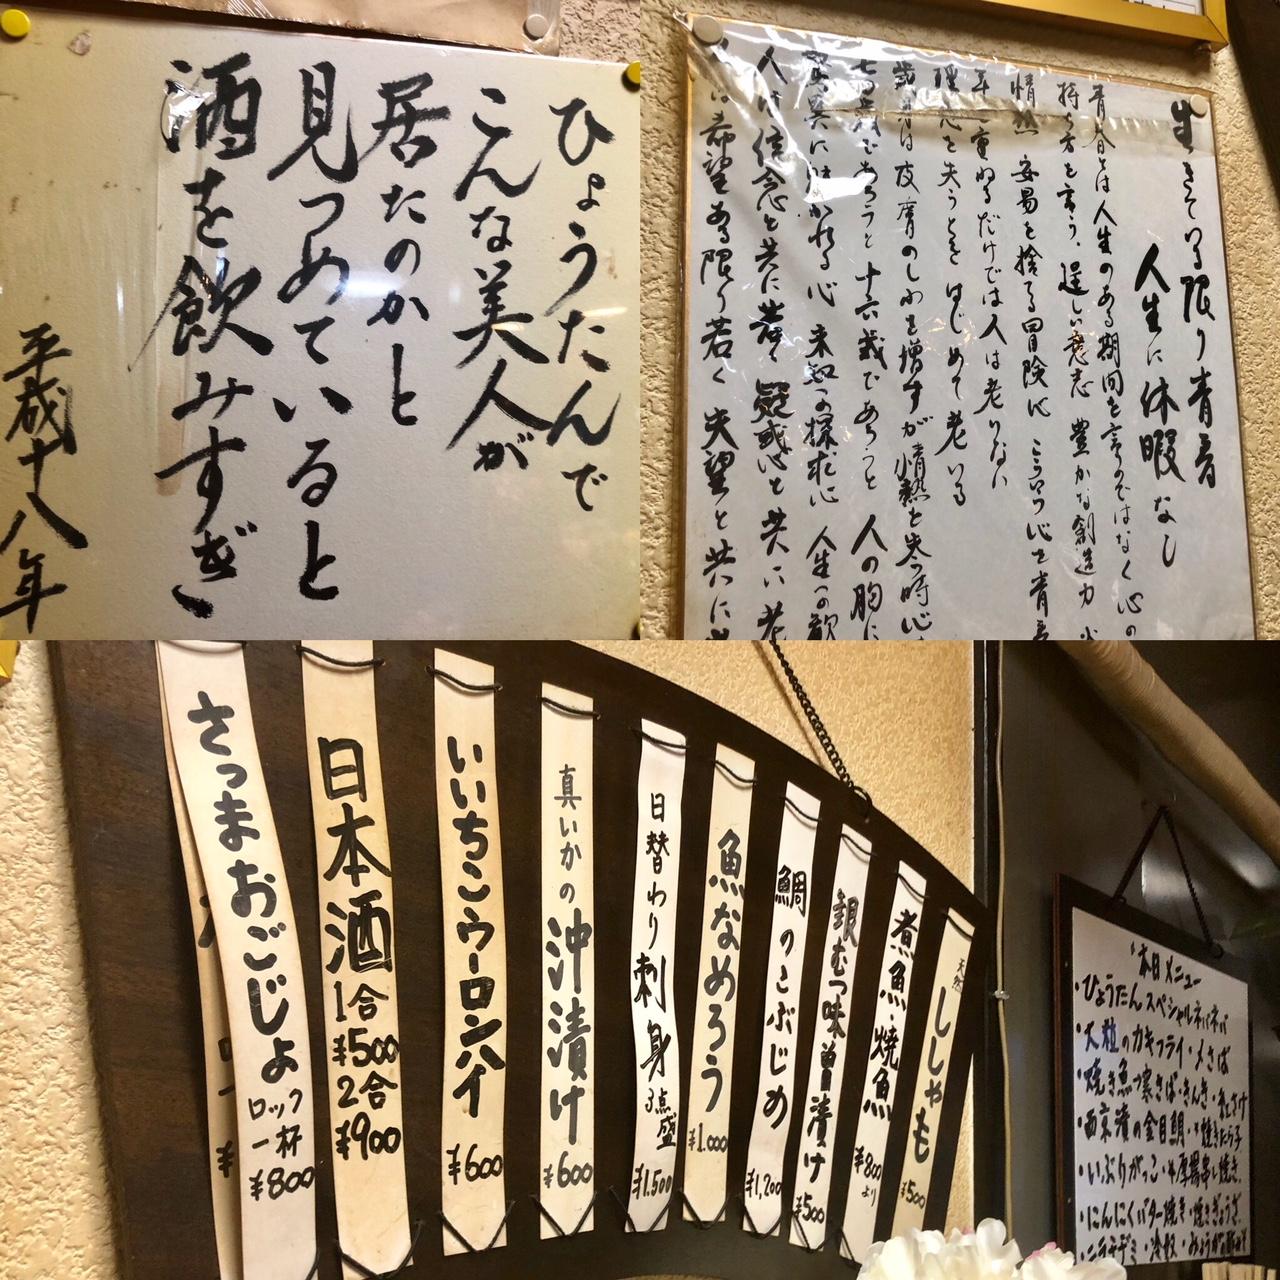 愛に恋! Eishin blog: 旧友と